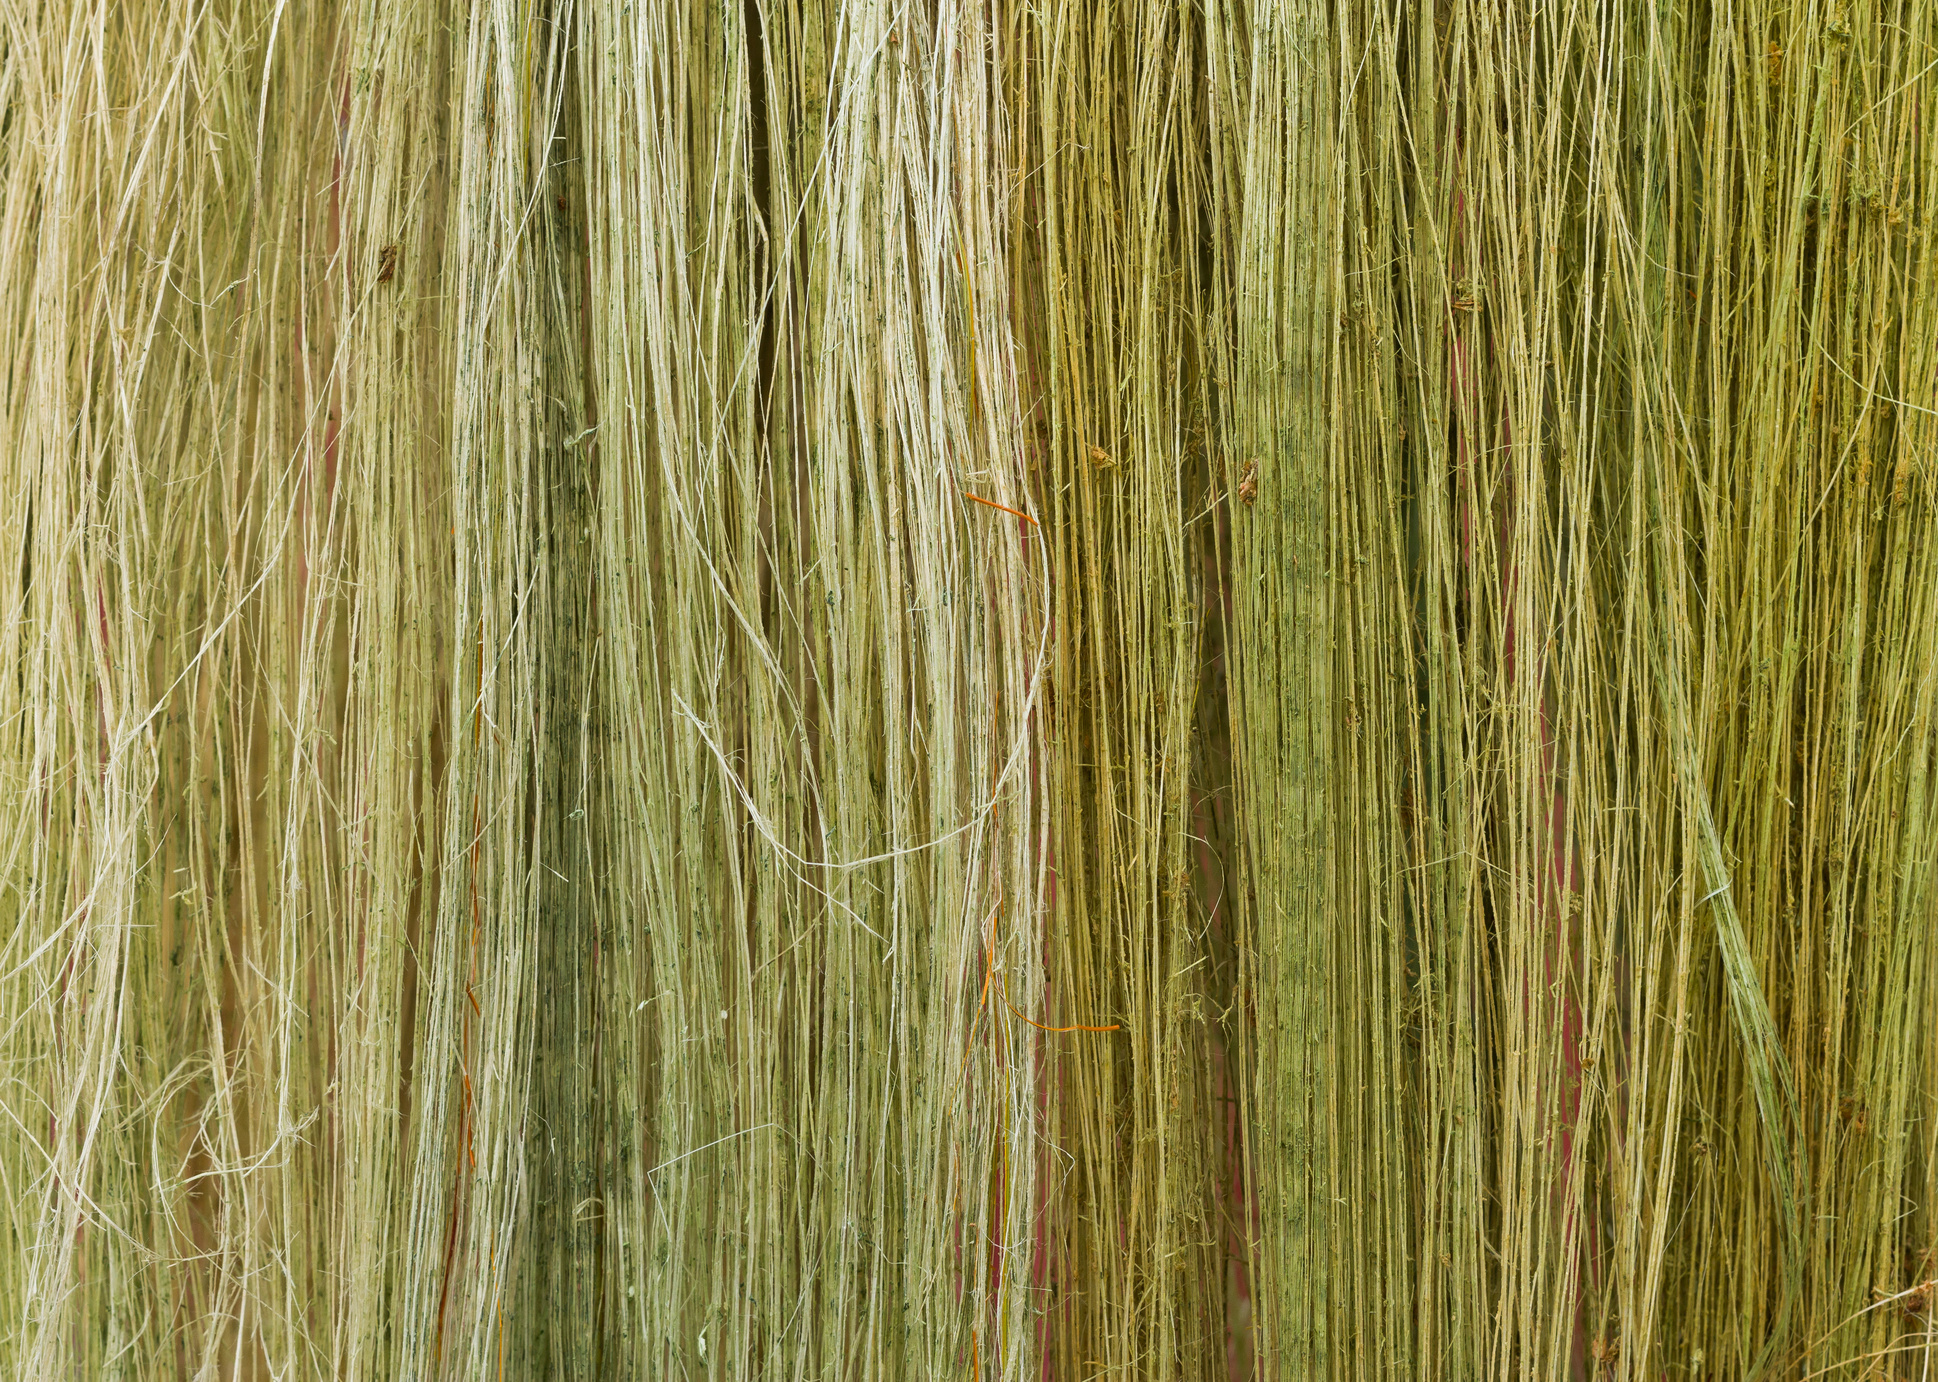 Flax stems.